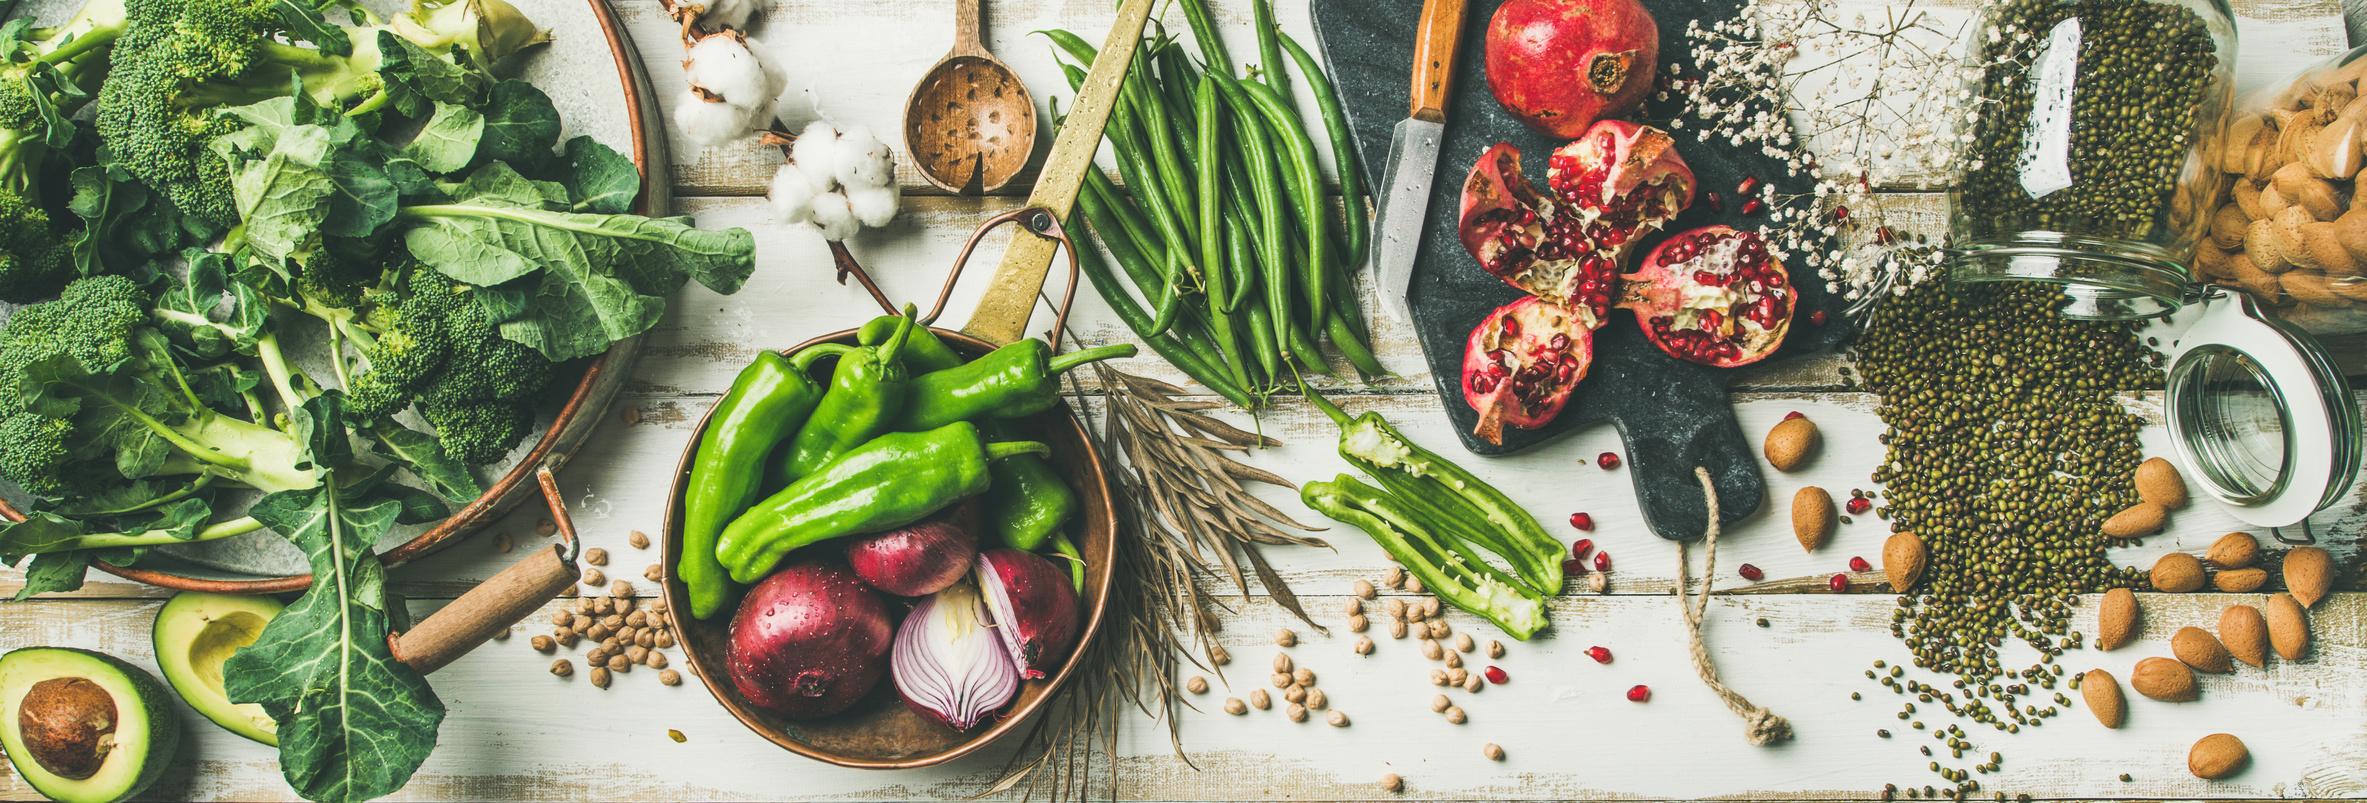 Verschiedene vegetarische Zutaten zum Kochen